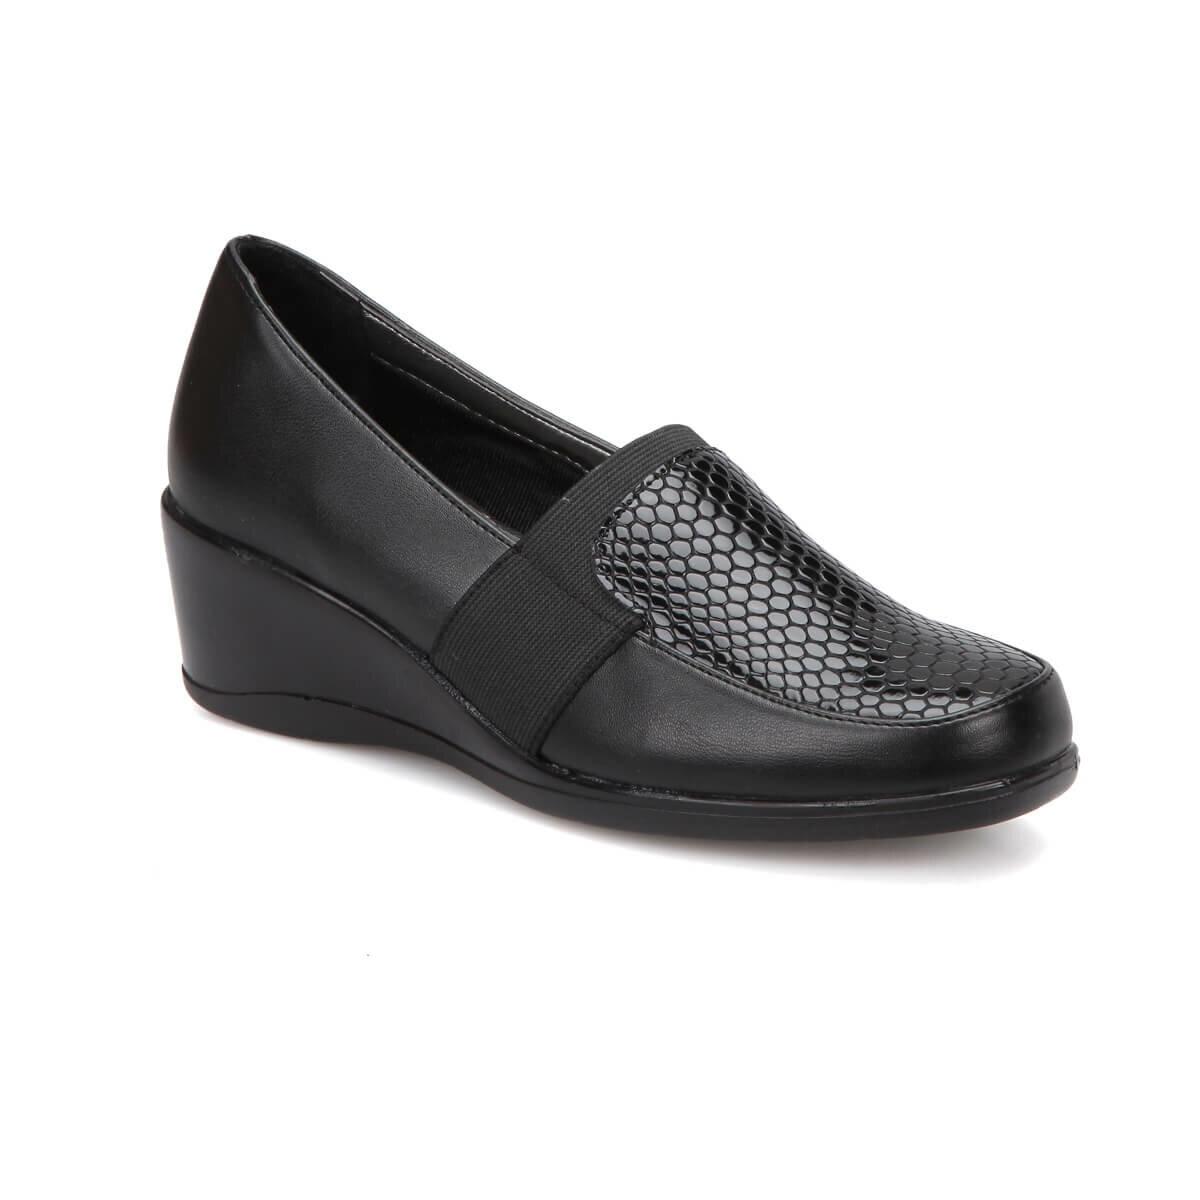 FLO 72. 158058.Z Black Women 'S Wedges Shoes Polaris